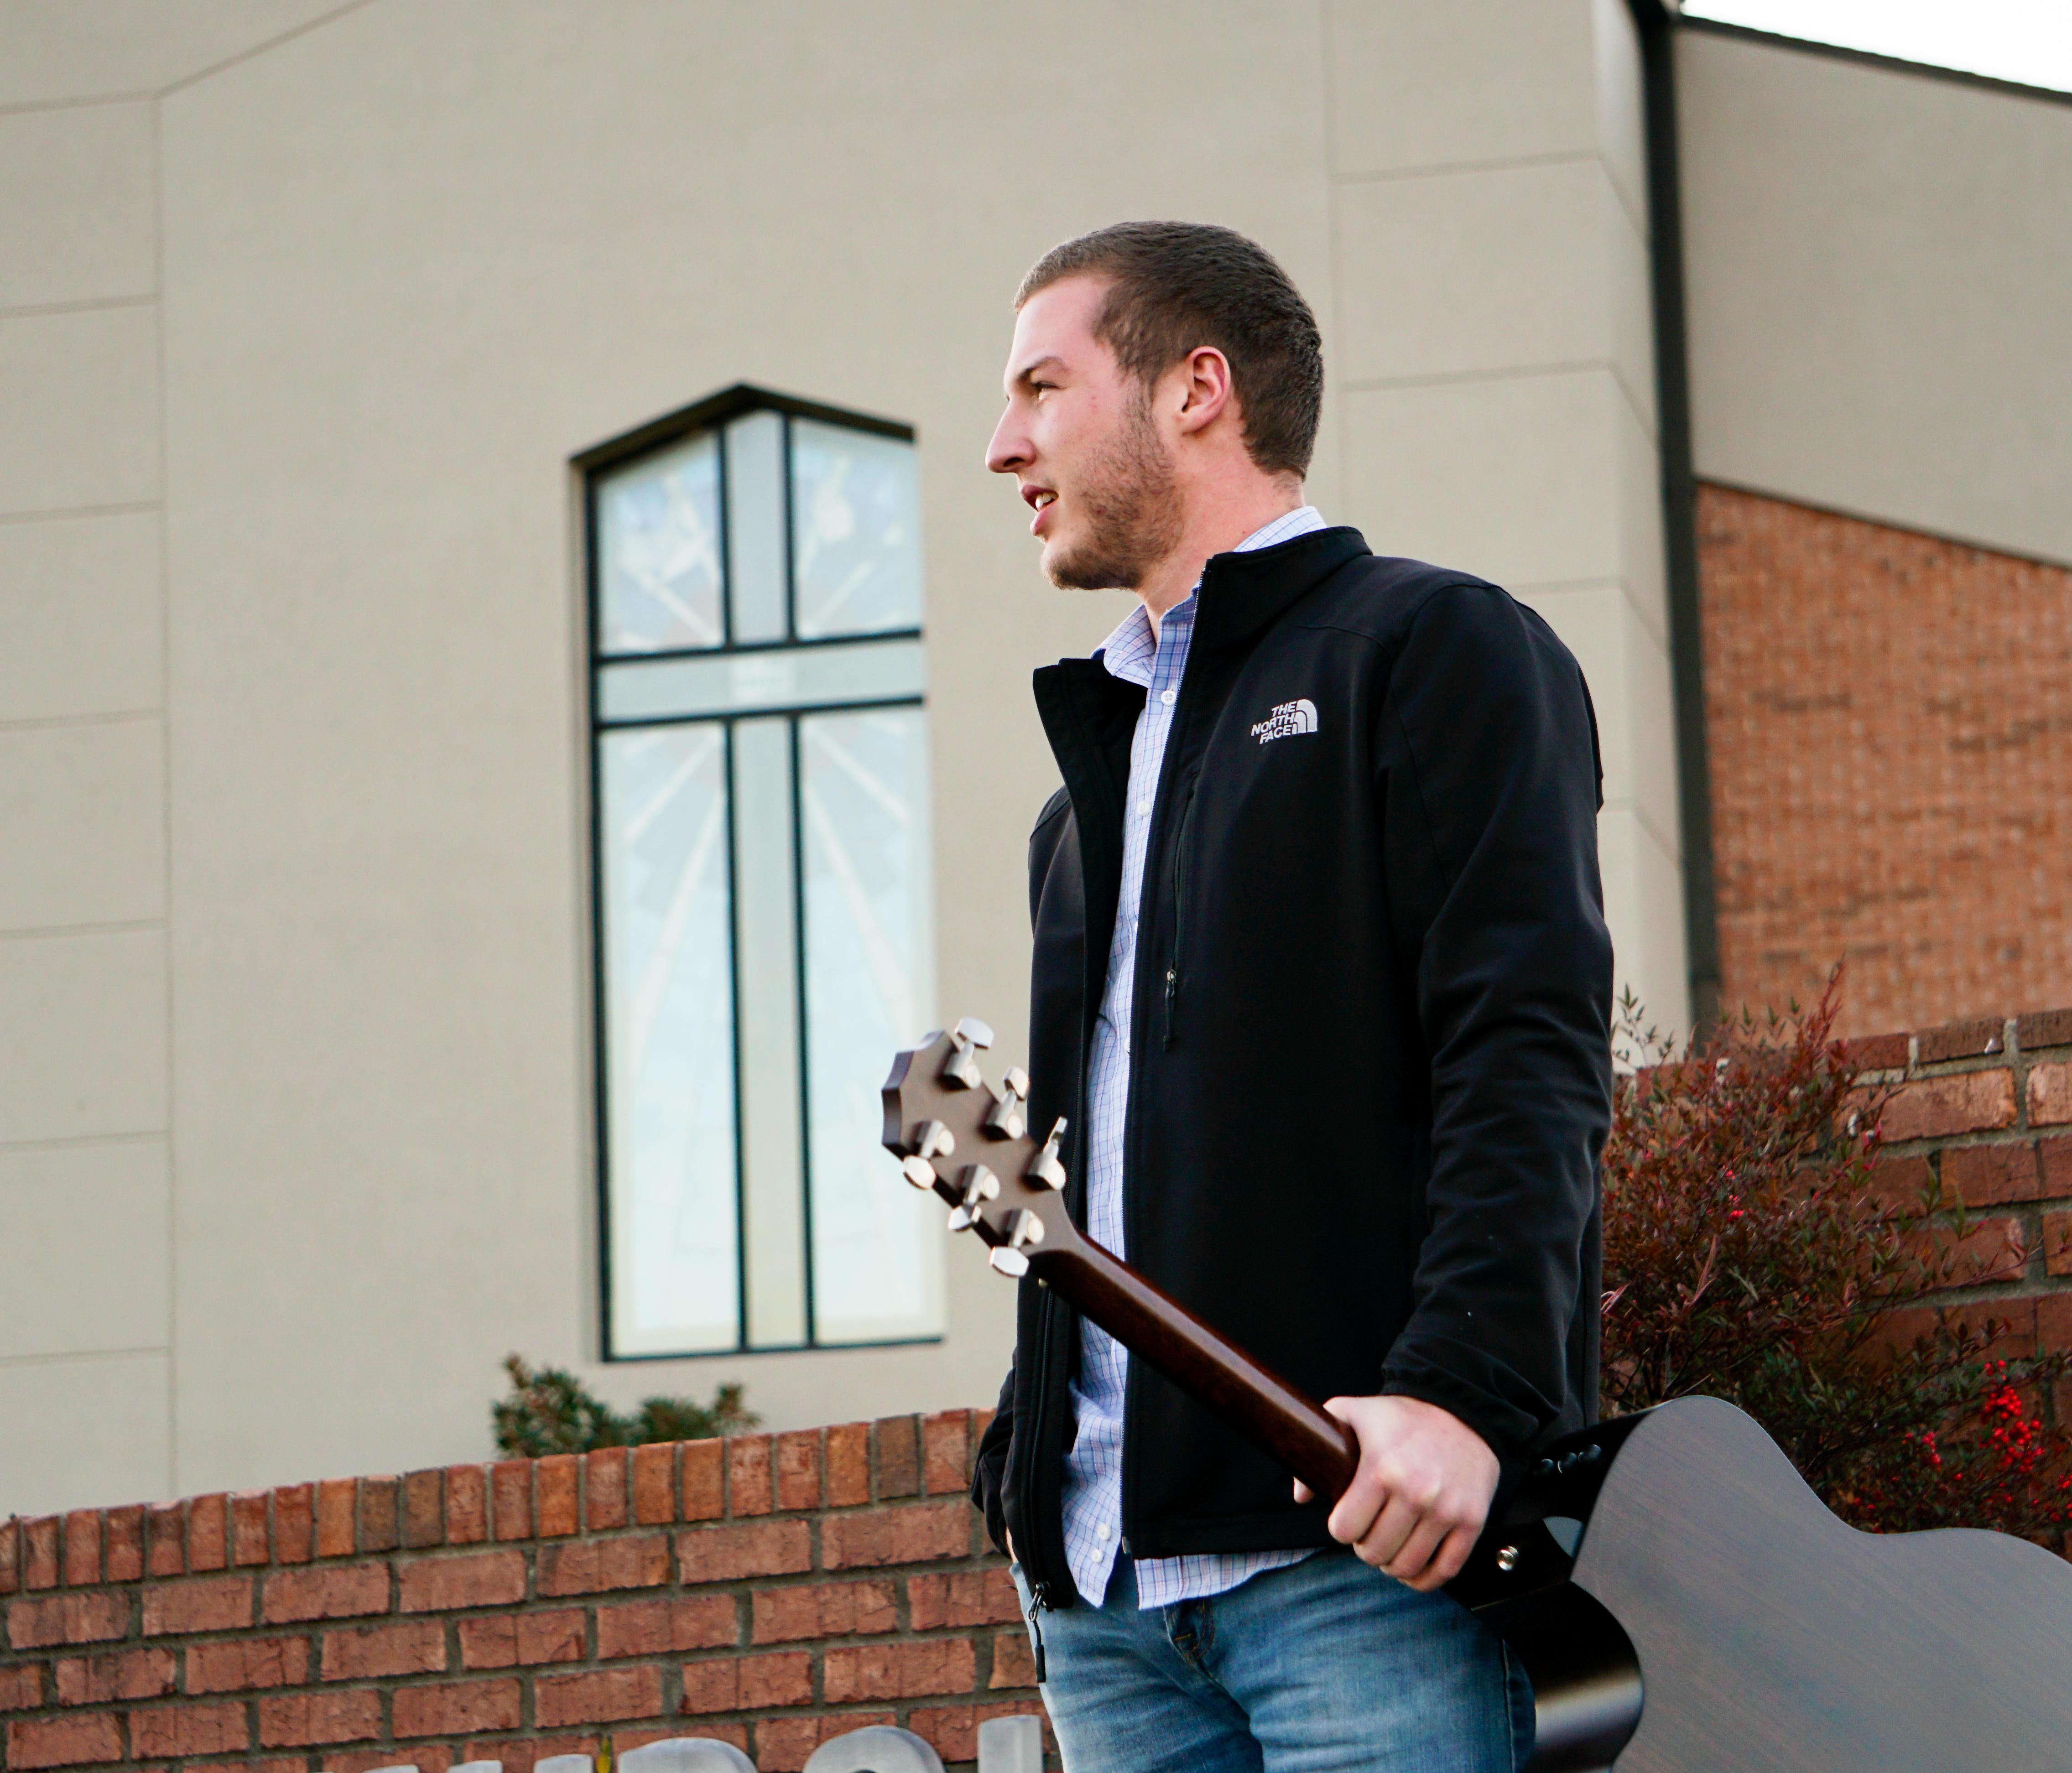 SINGER/SONGWRITER SETH CRANE RELEASES NEW SINGLE